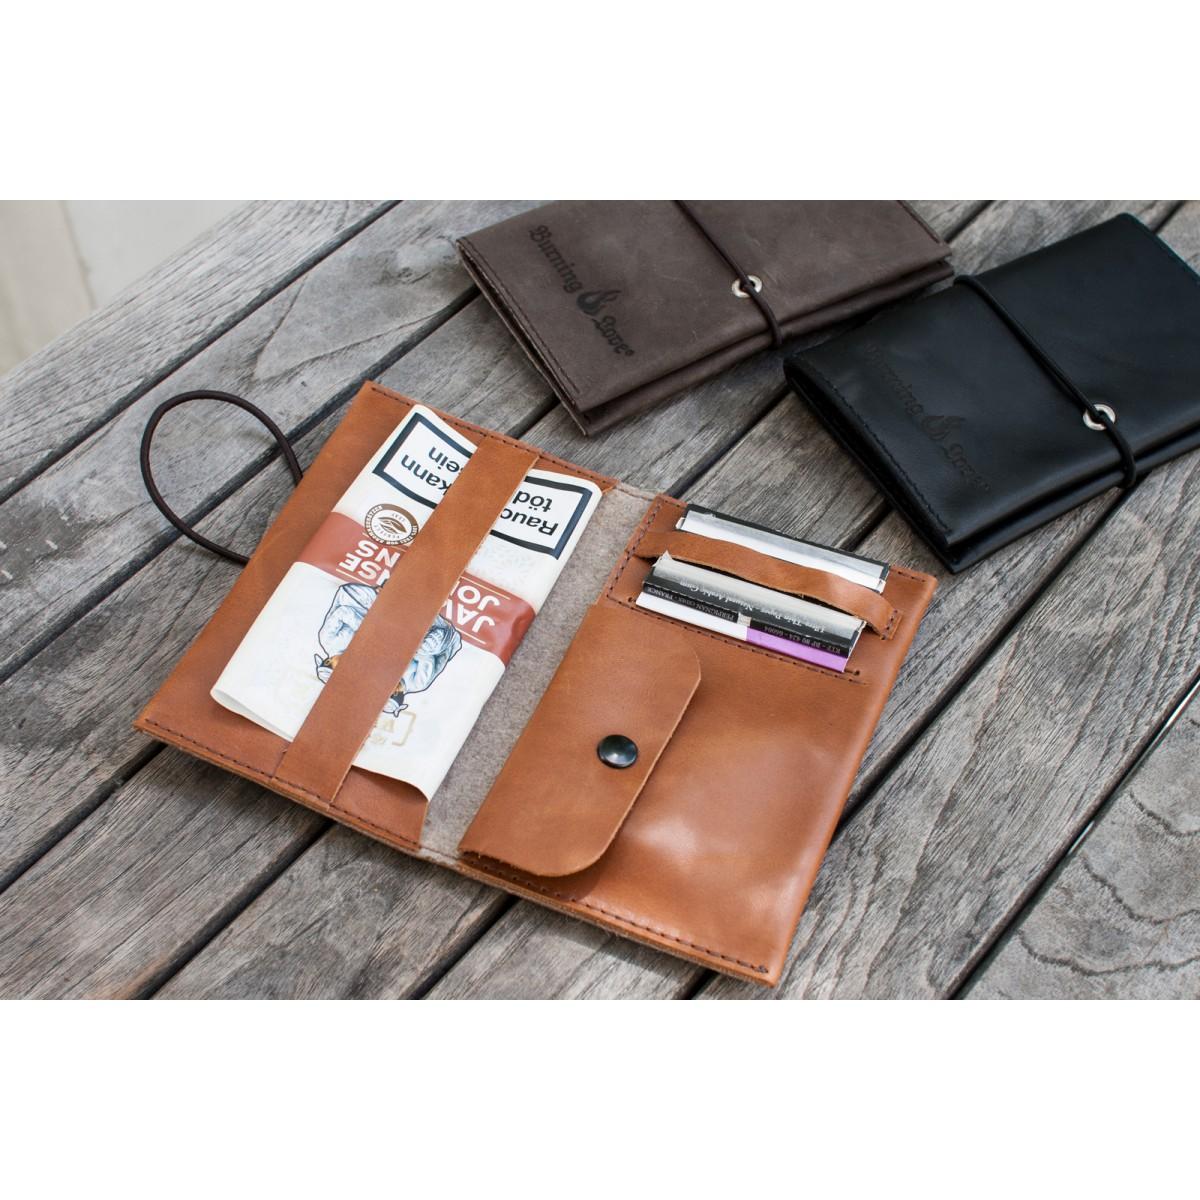 Love Leather Smoking Pouch - Leder Tabaktasche (schwarz)